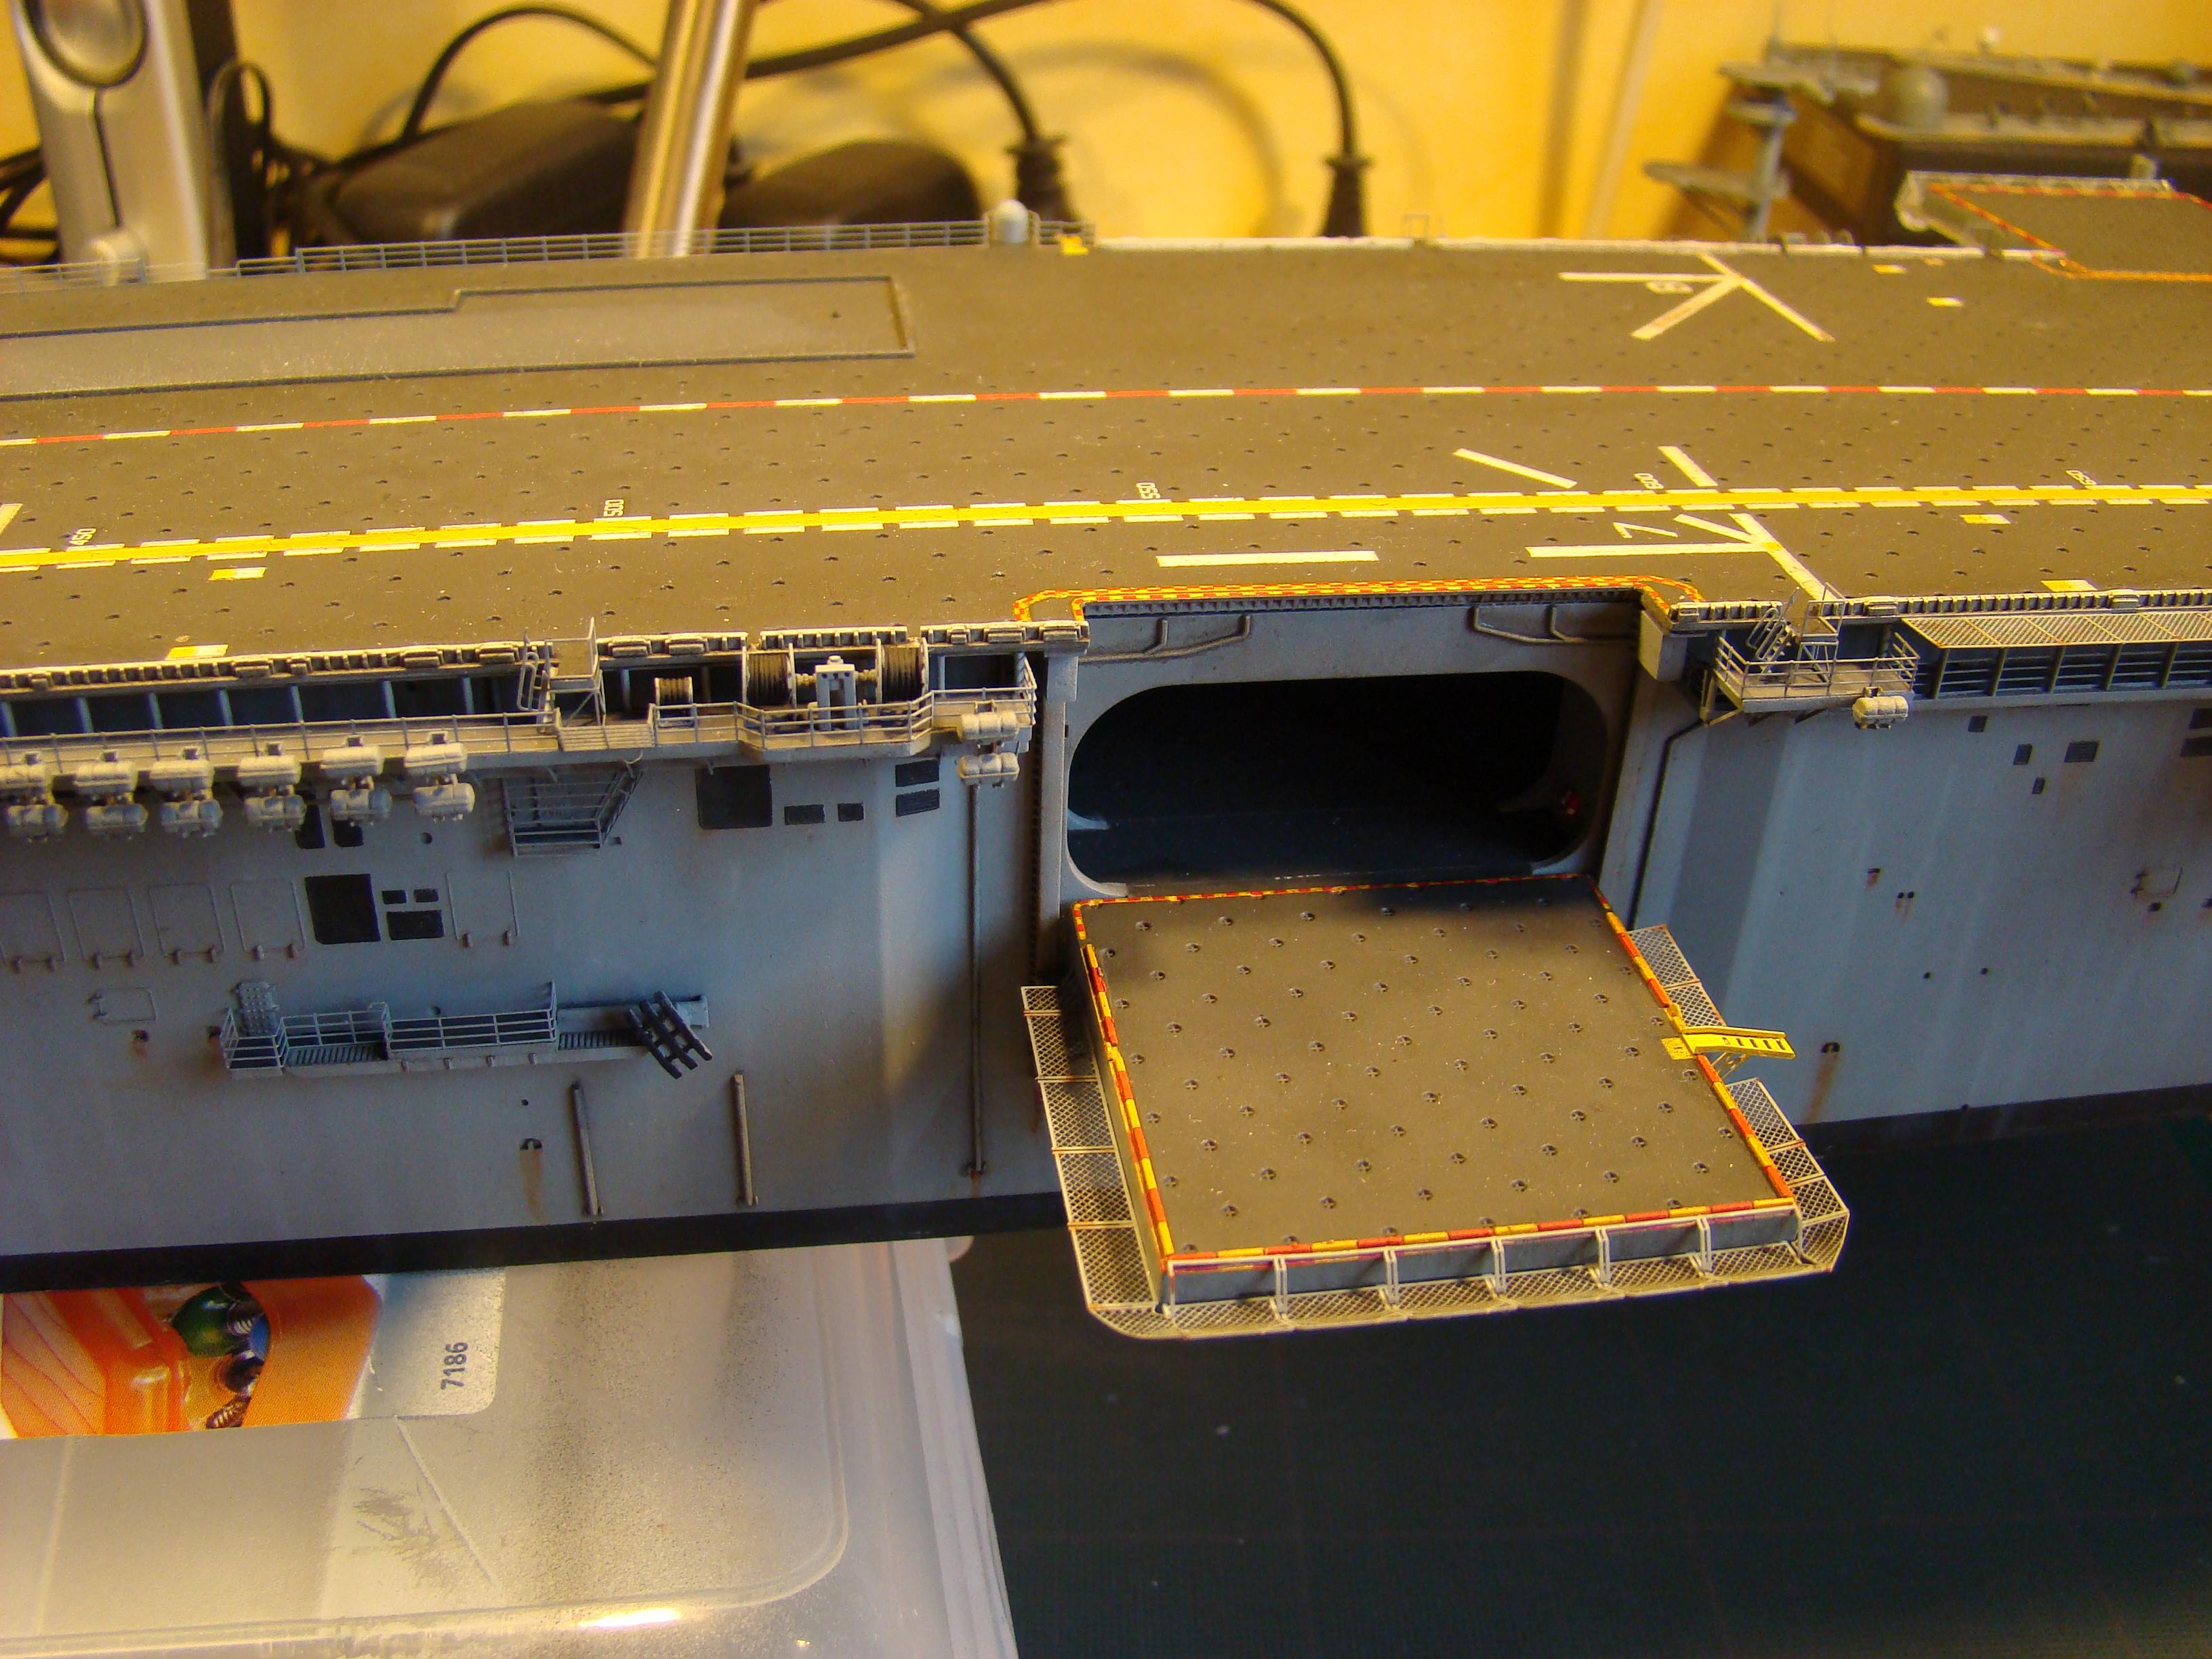 USS WASP LHD-1 au 1/350ème - Page 3 Dsc09104e